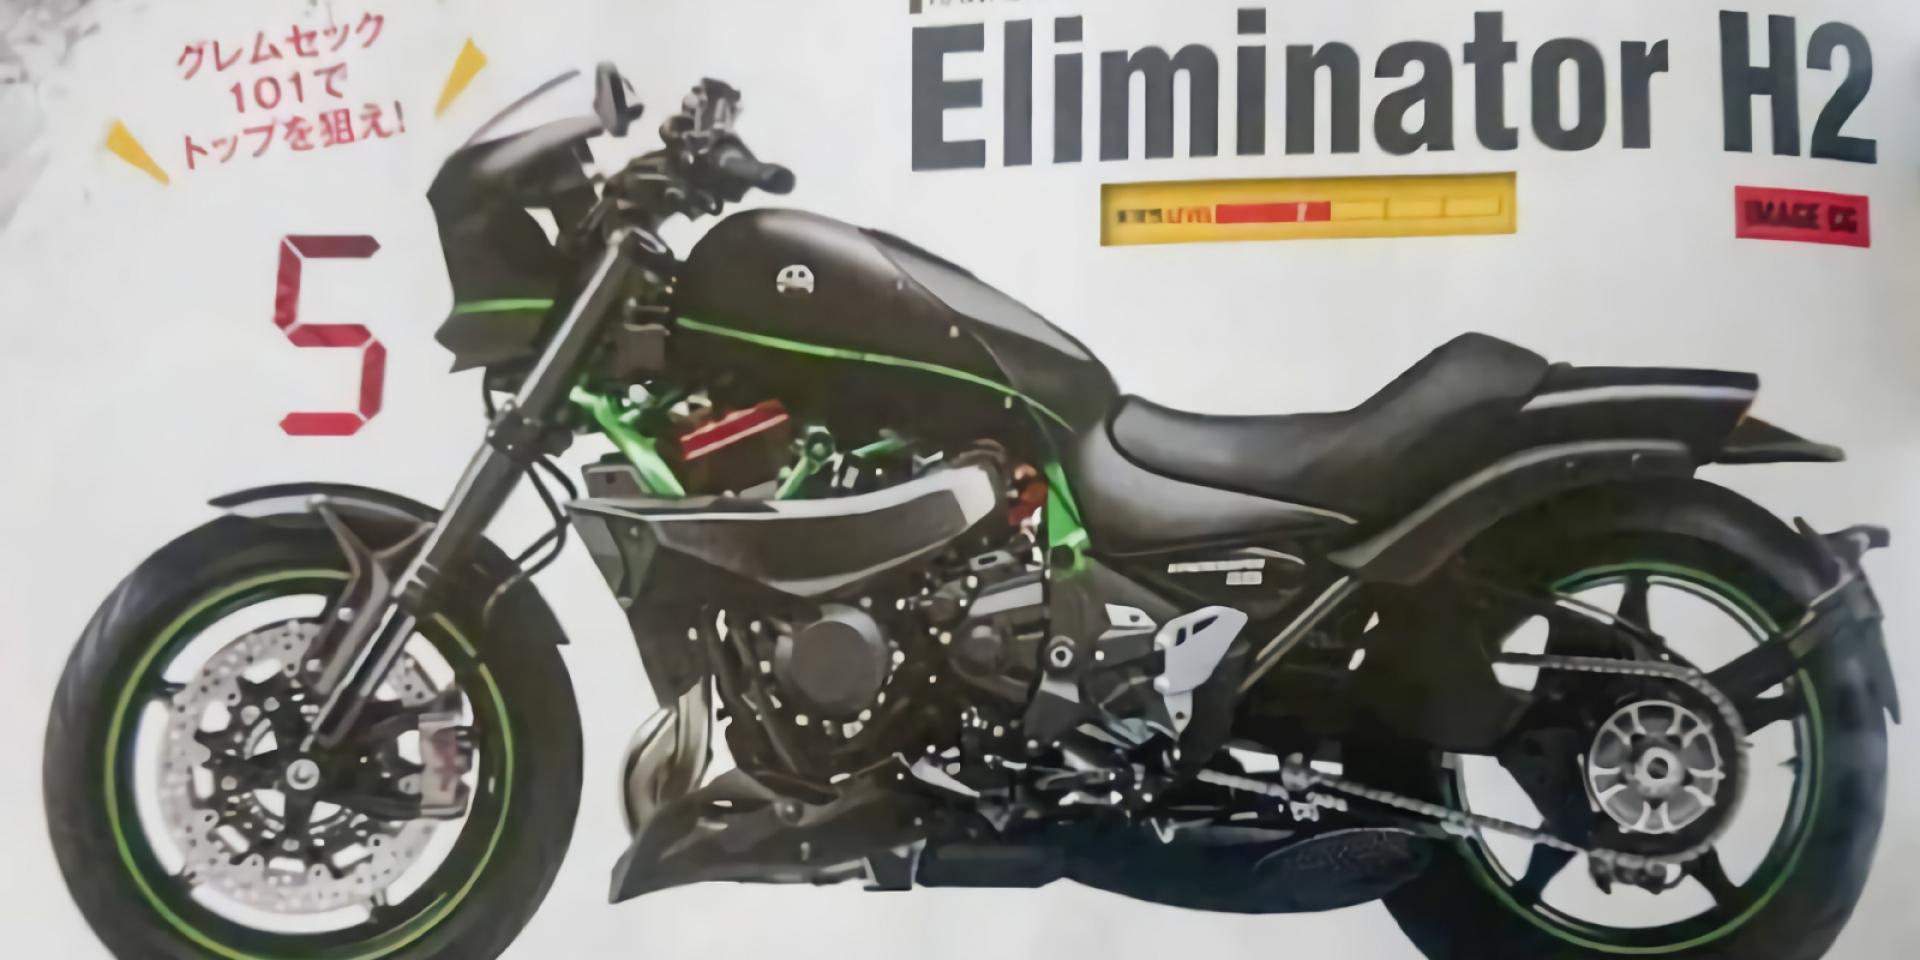 增壓x美式巡航。Kawasaki Eliminator H2 開發進入尾聲,有望明年量產?